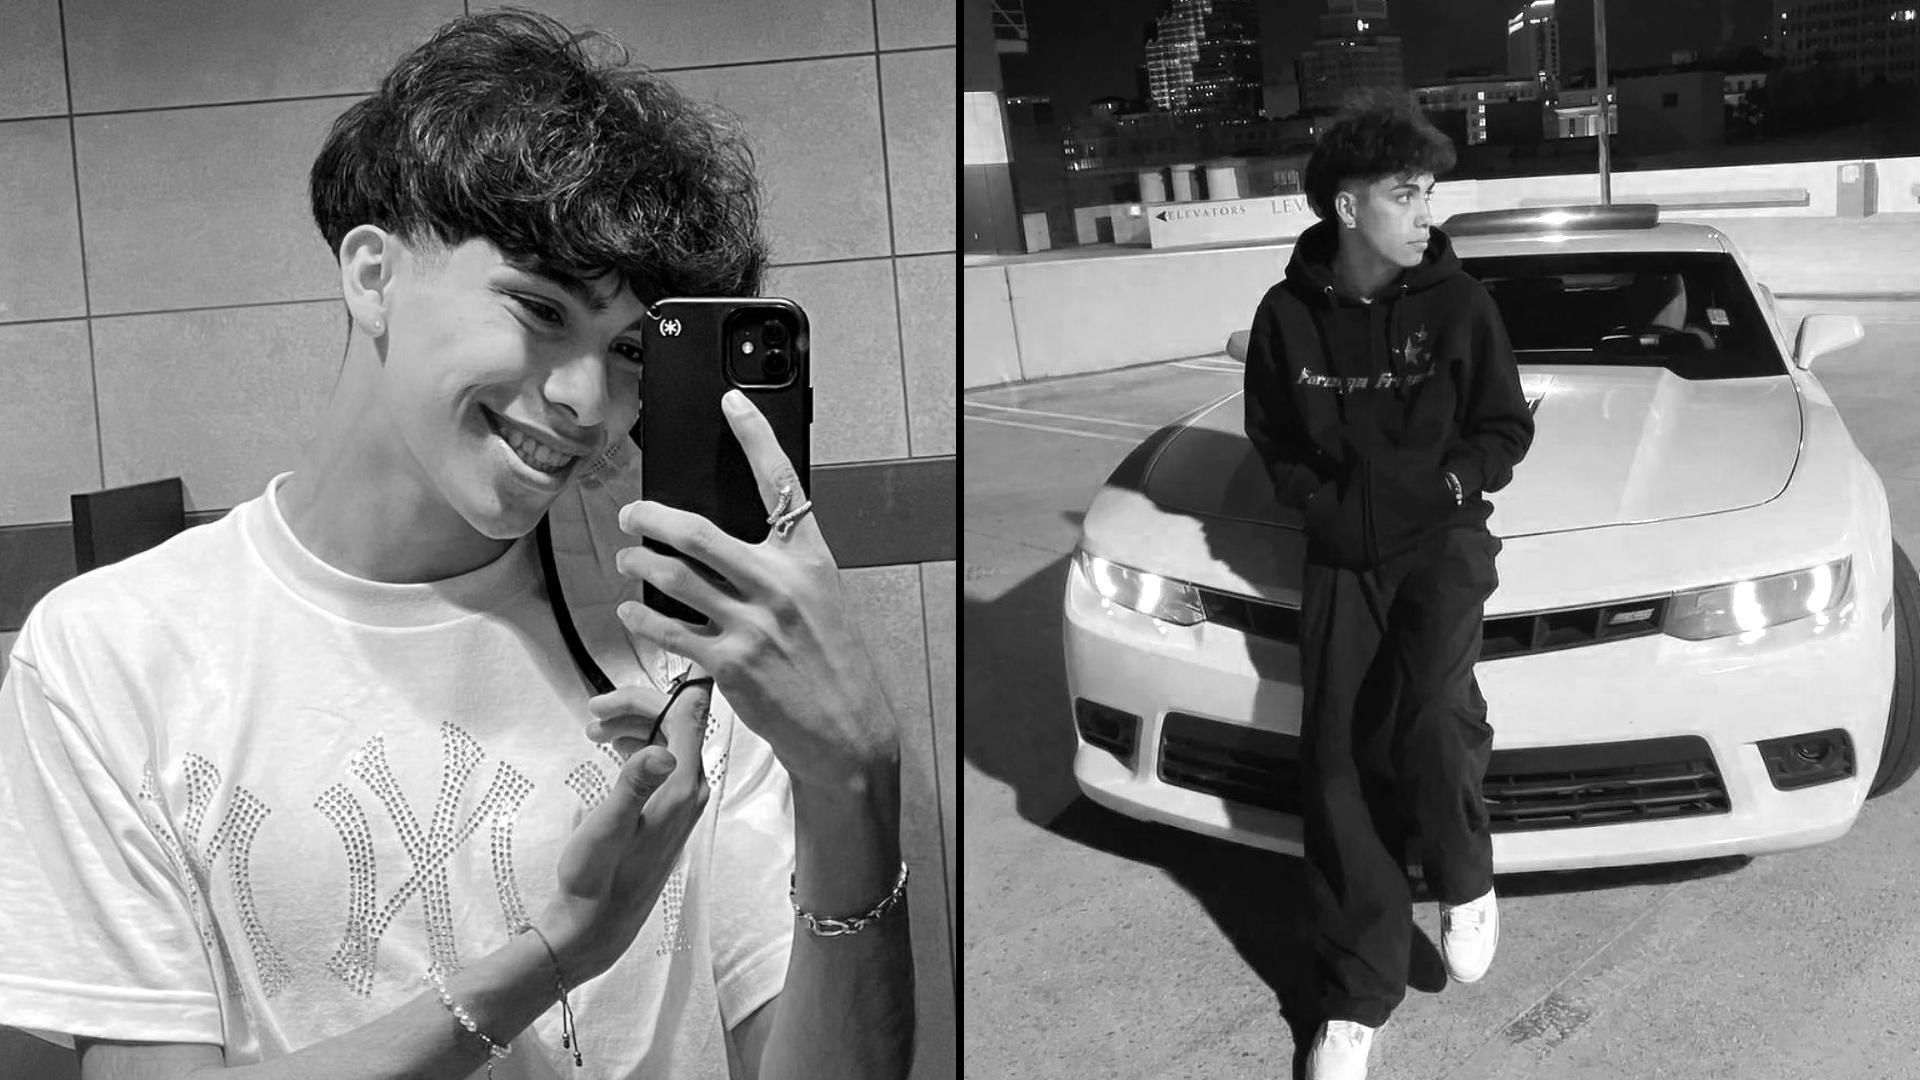 19-letnia gwiazda TikToka Gabriel Salazar zginął w pożarze samochodu